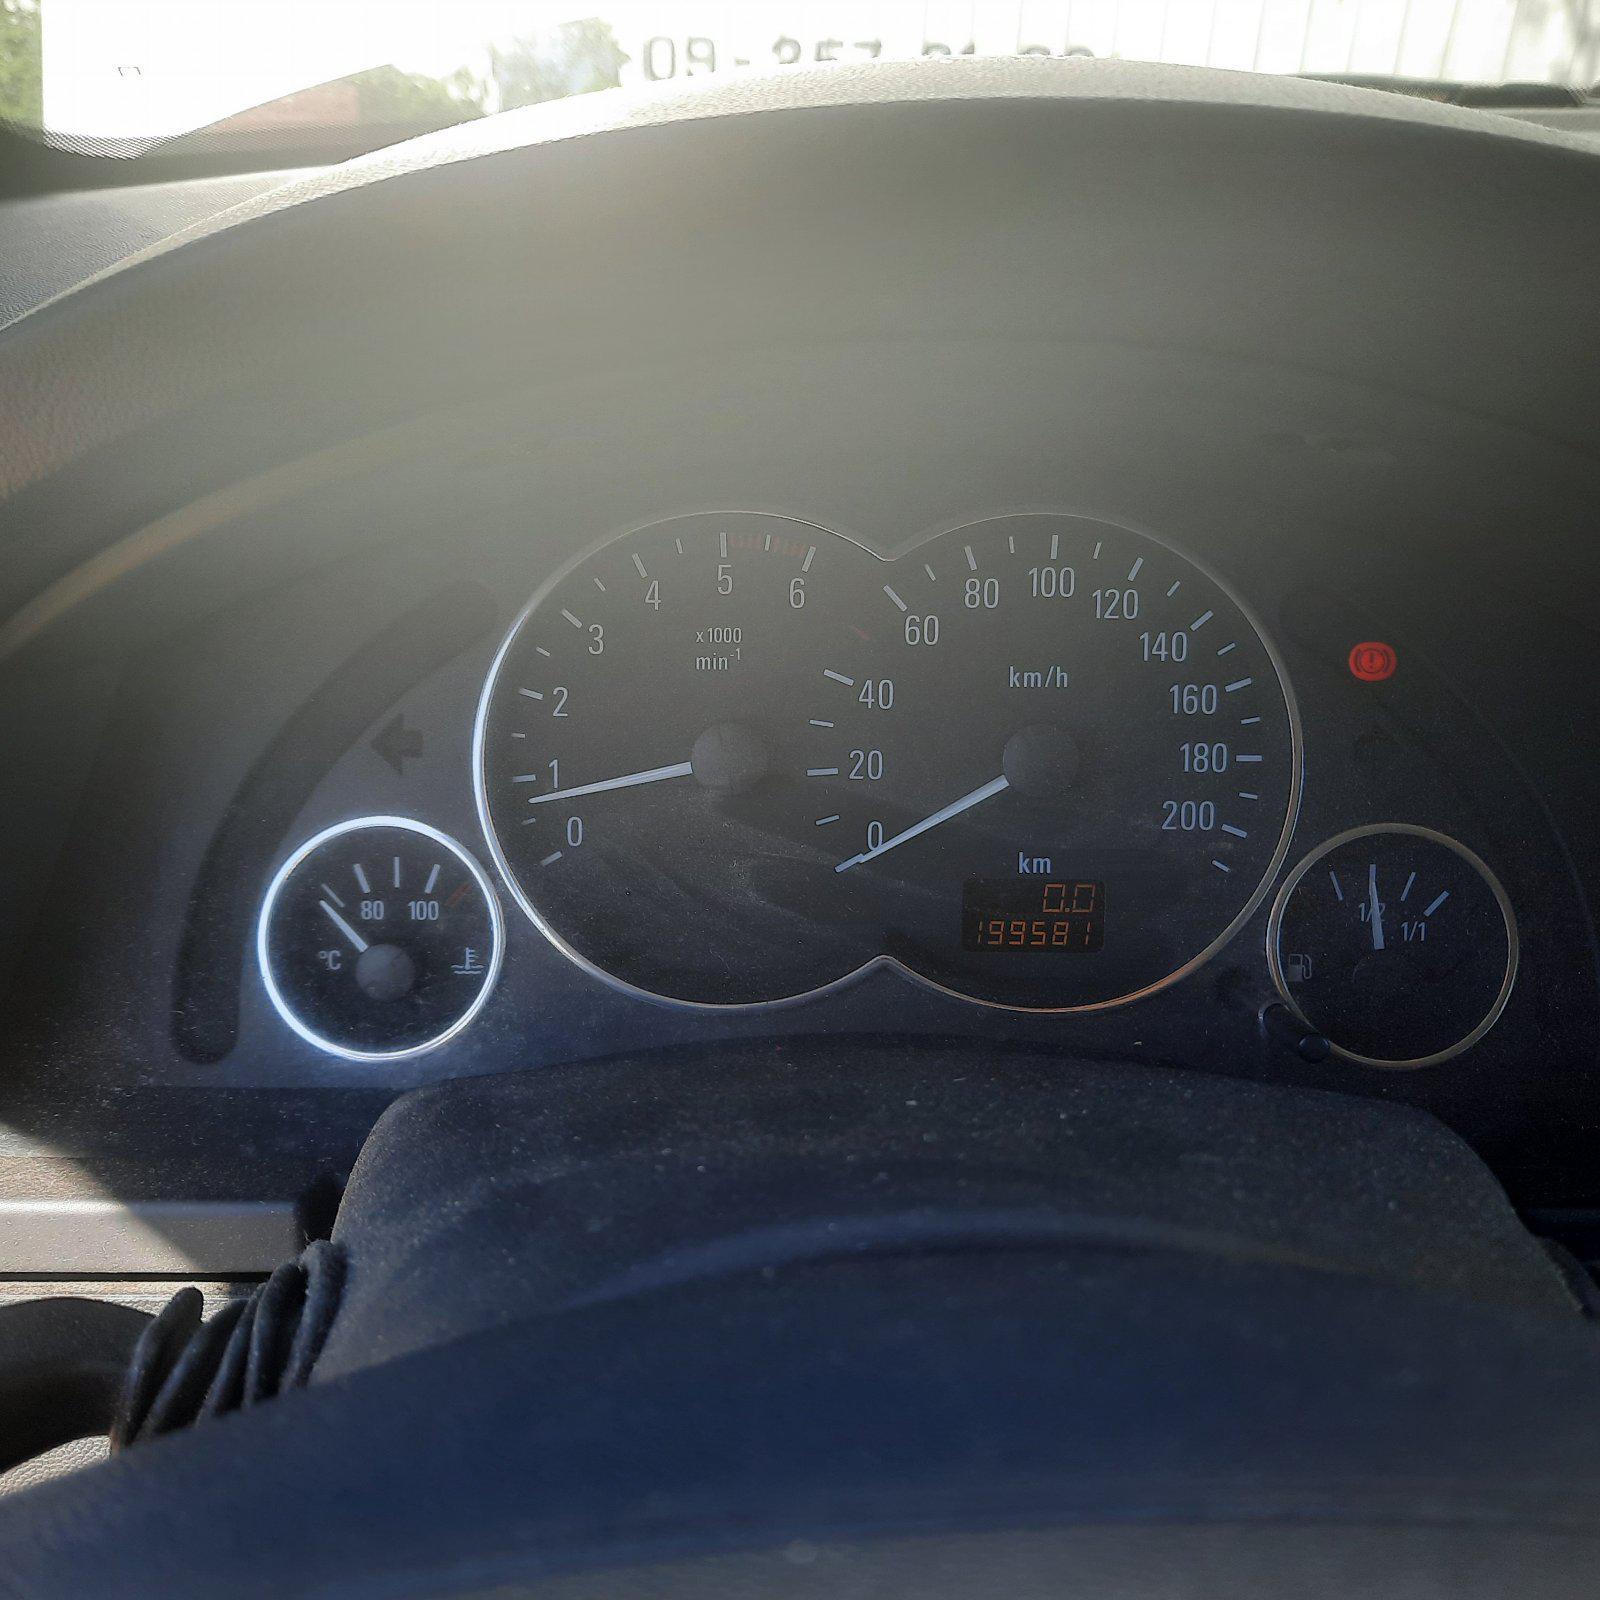 Подержанные Автозапчасти Opel MERIVA 2004 1.7 машиностроение минивэн 4/5 d. Серый 2021-6-17